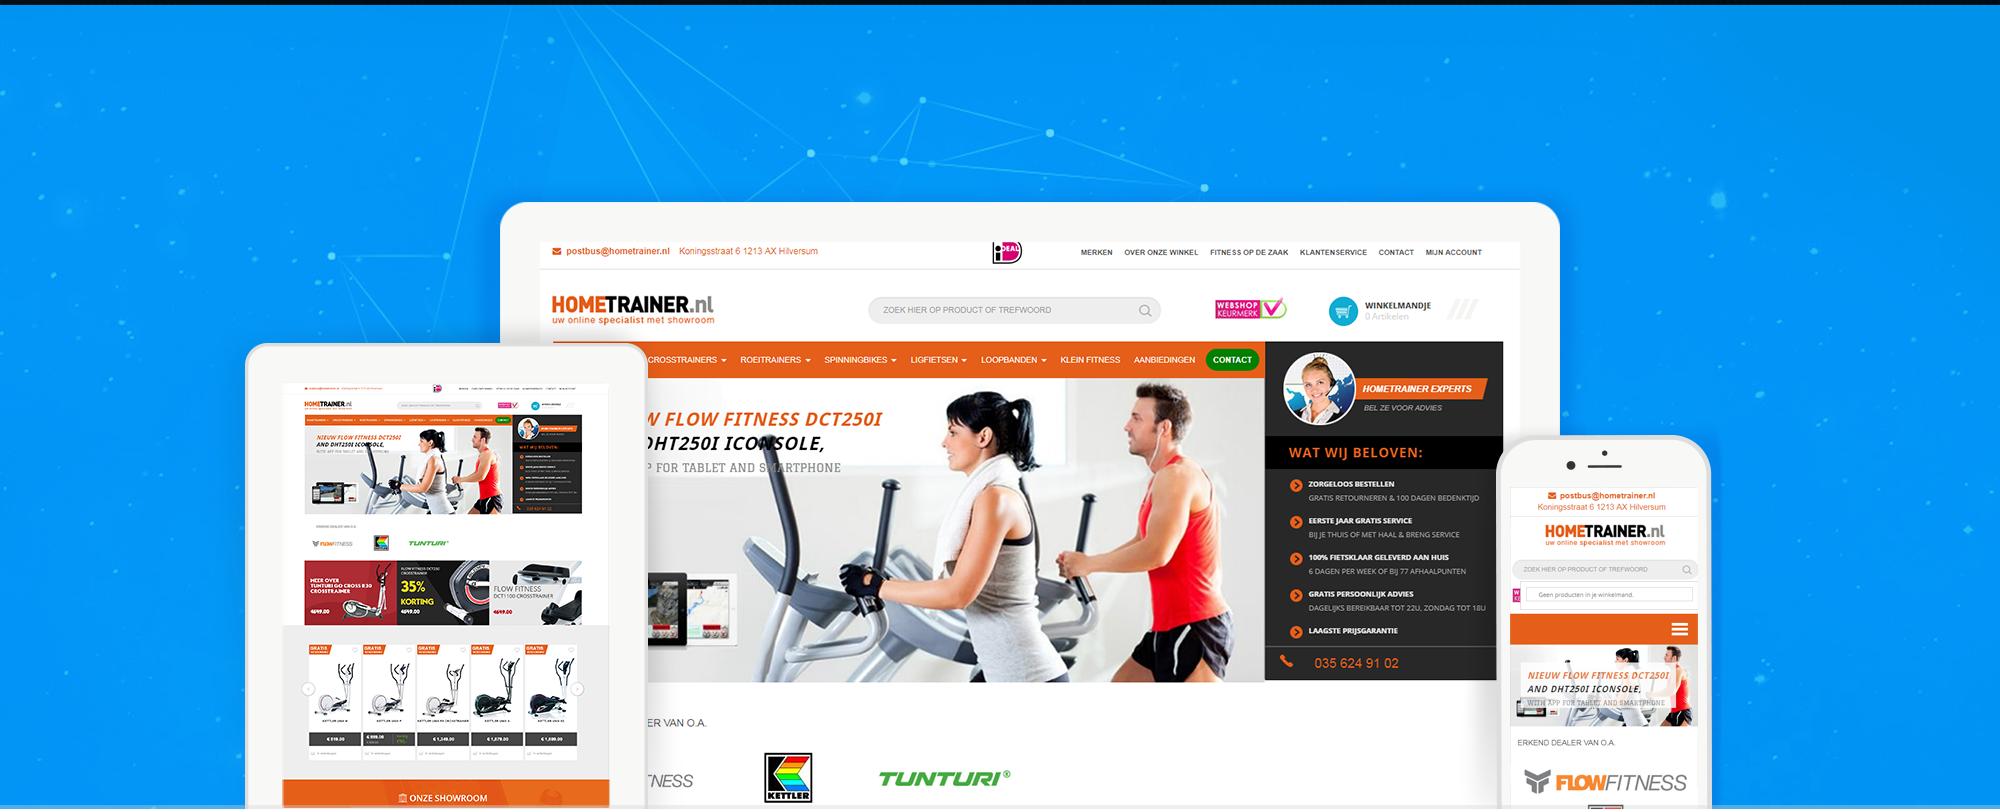 hometrainer.nl-webshop